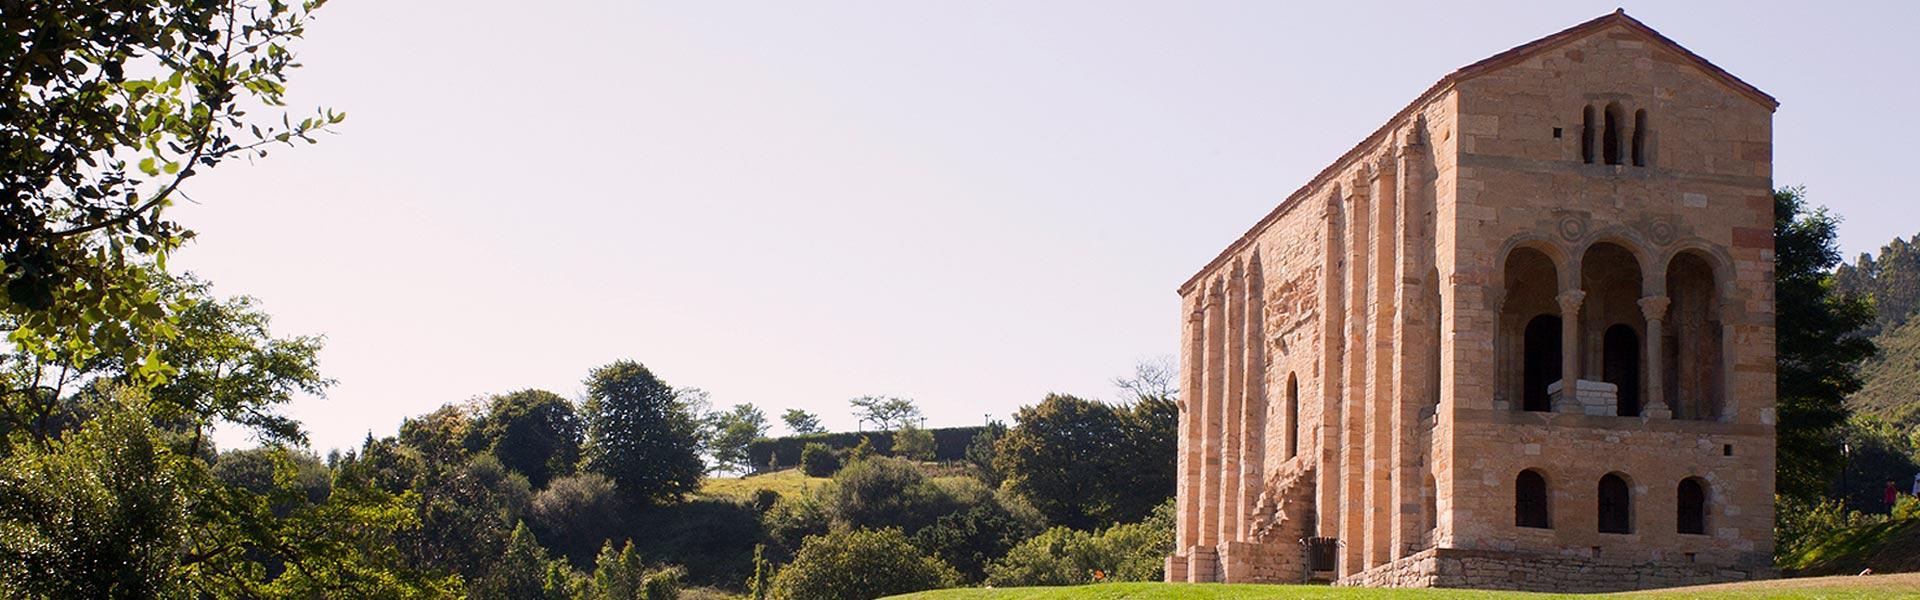 Contacto con el hotel Palacio de Asturias